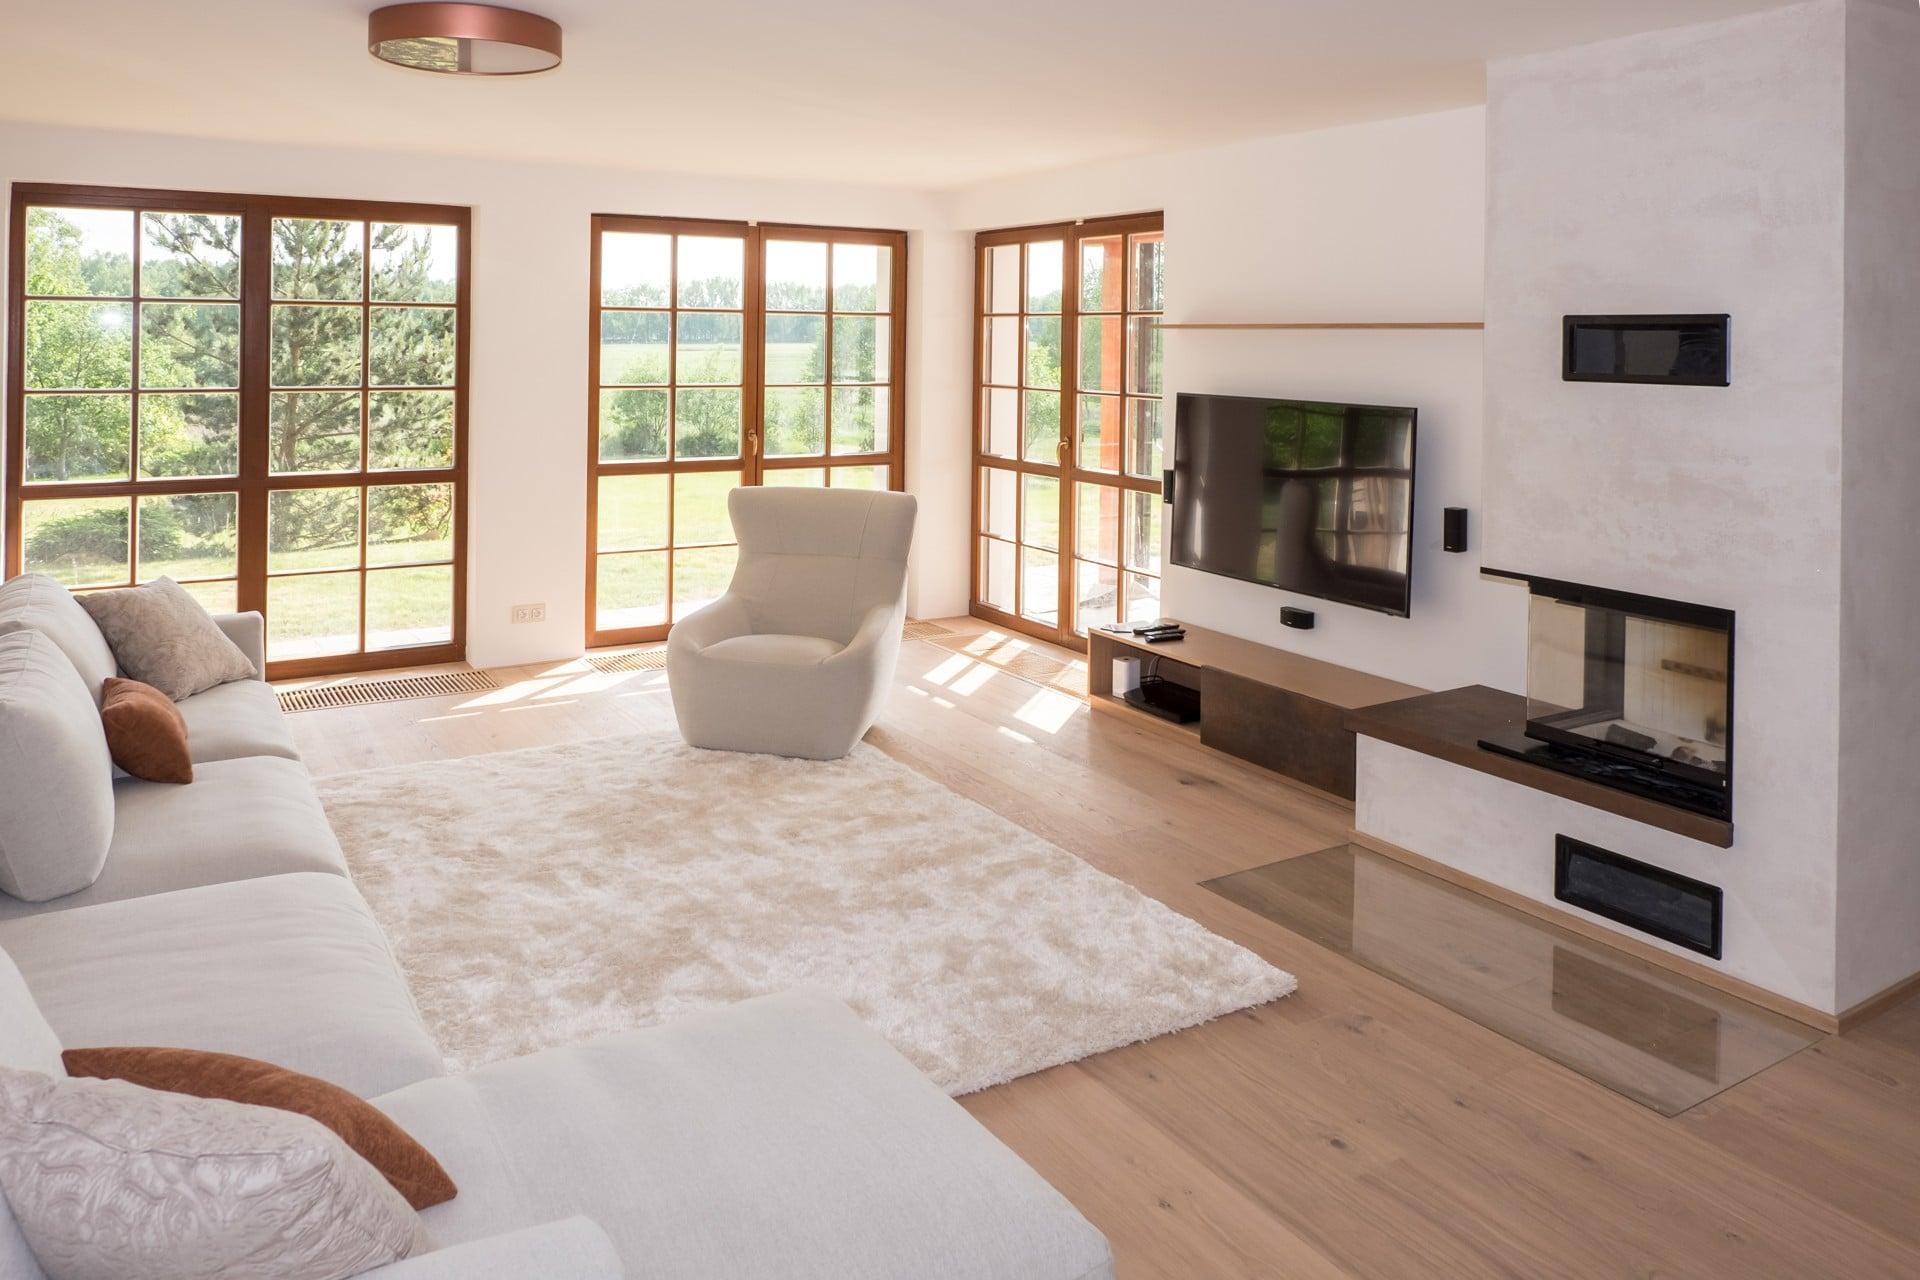 Obývací pokoj s krbem a BOSE systémem